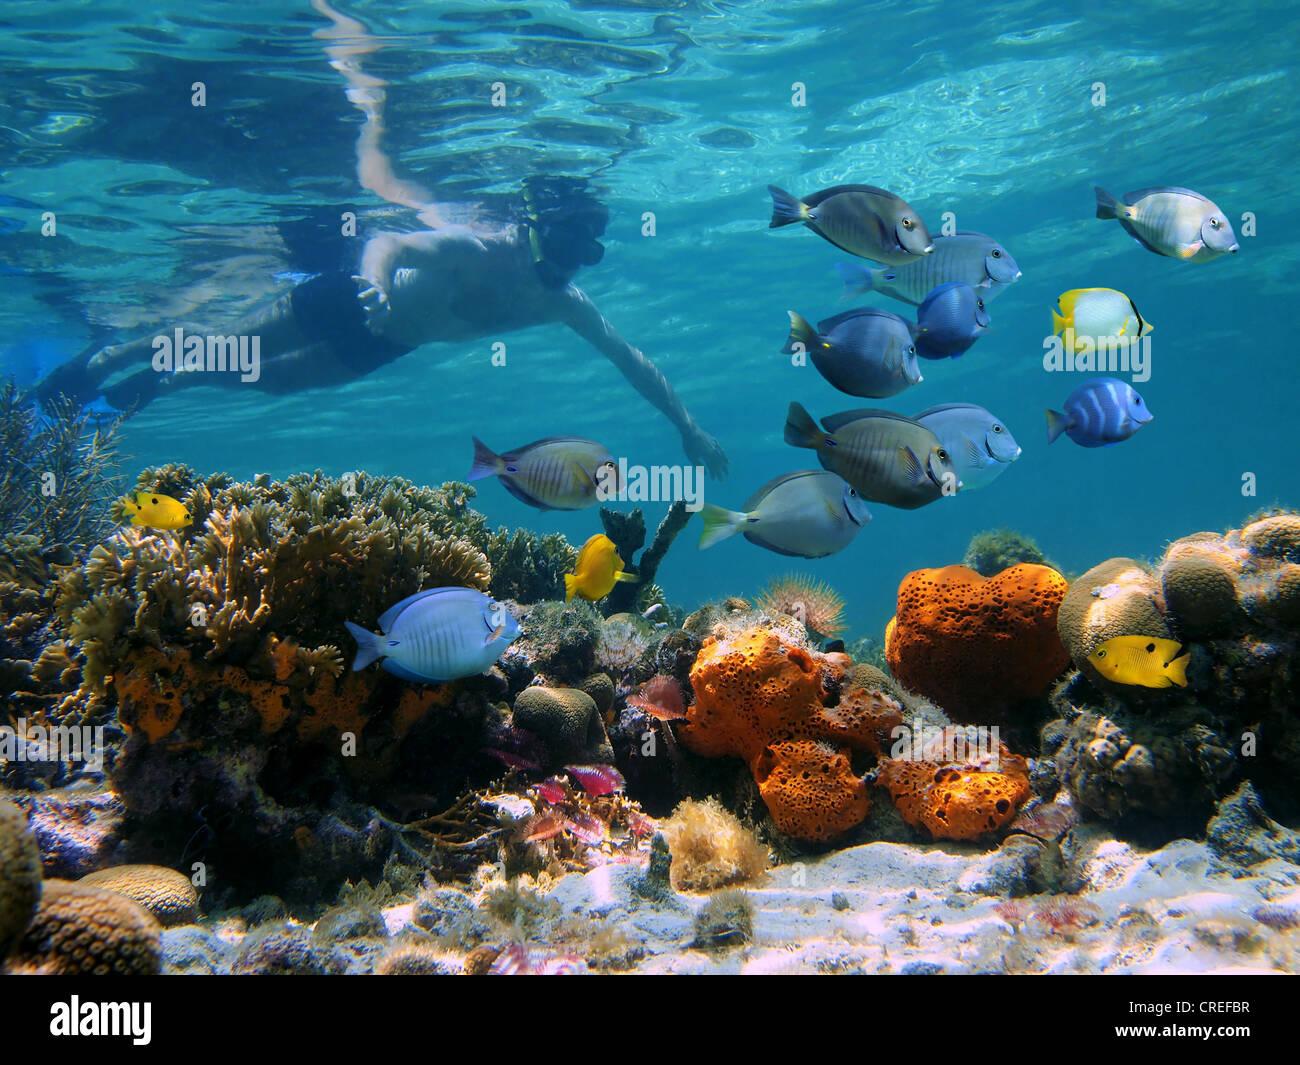 Mann unter Wasser Schnorcheln an einem bunten Korallenriff mit tropischen Fischen Stockbild